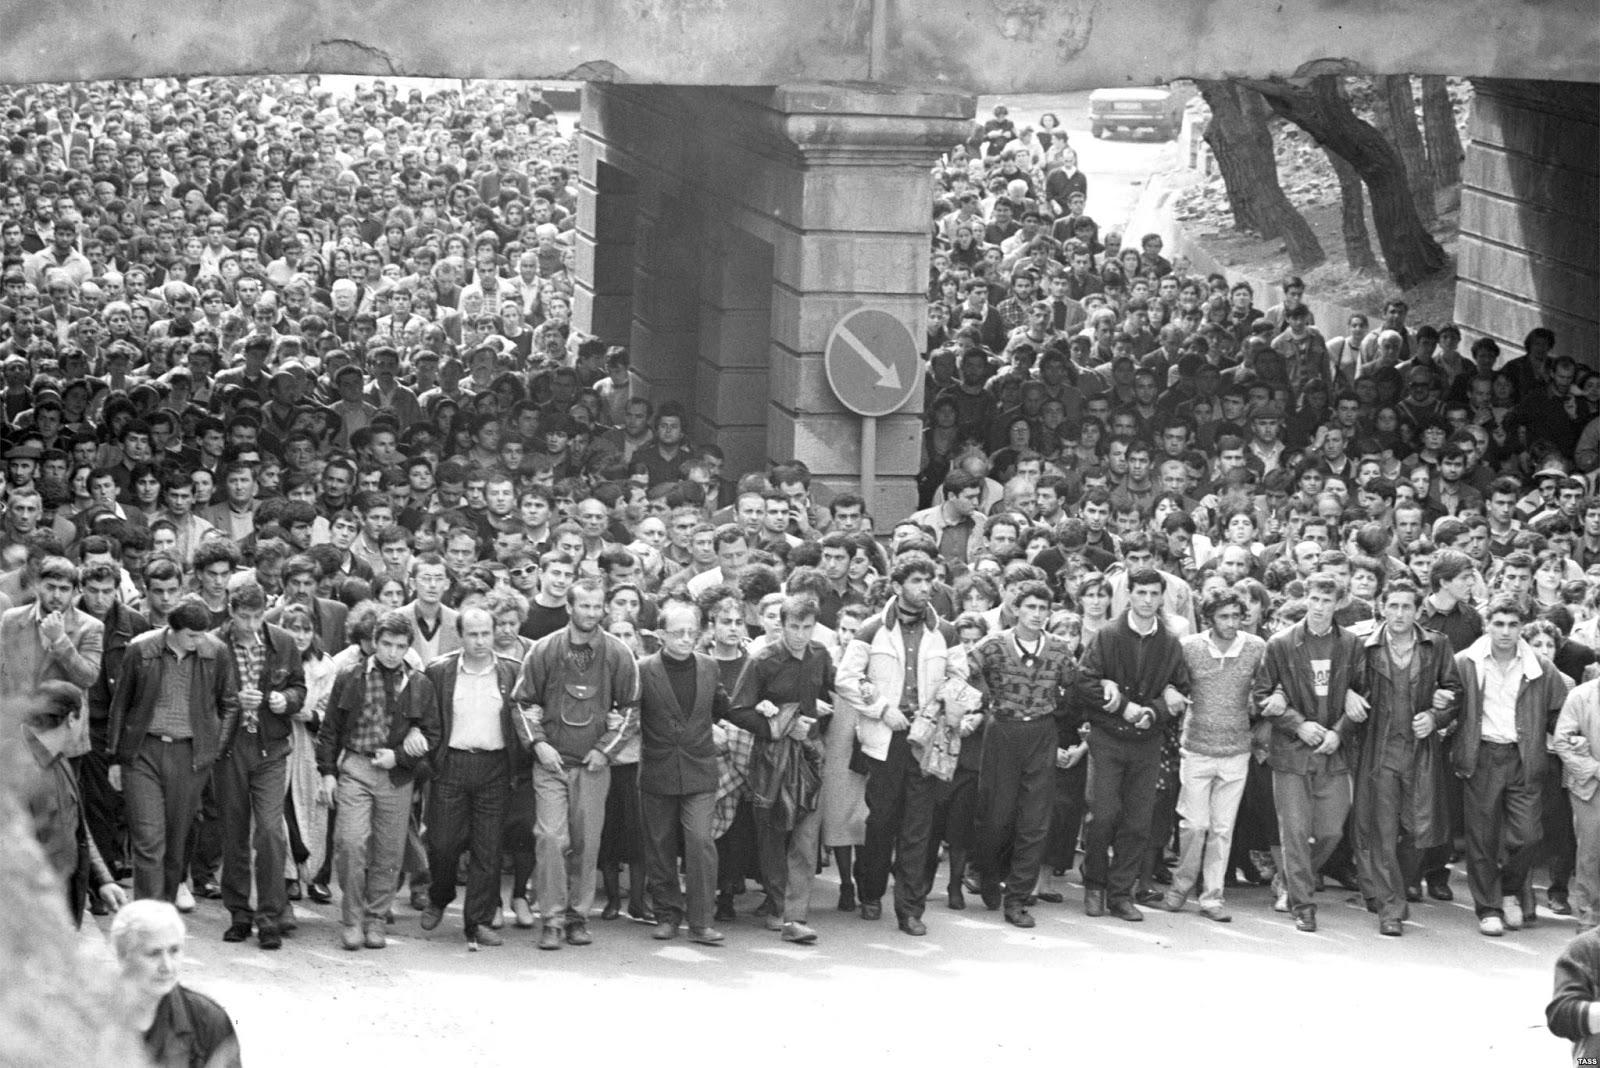 Фото: демонстрация в Тбилиси, 1989 г.